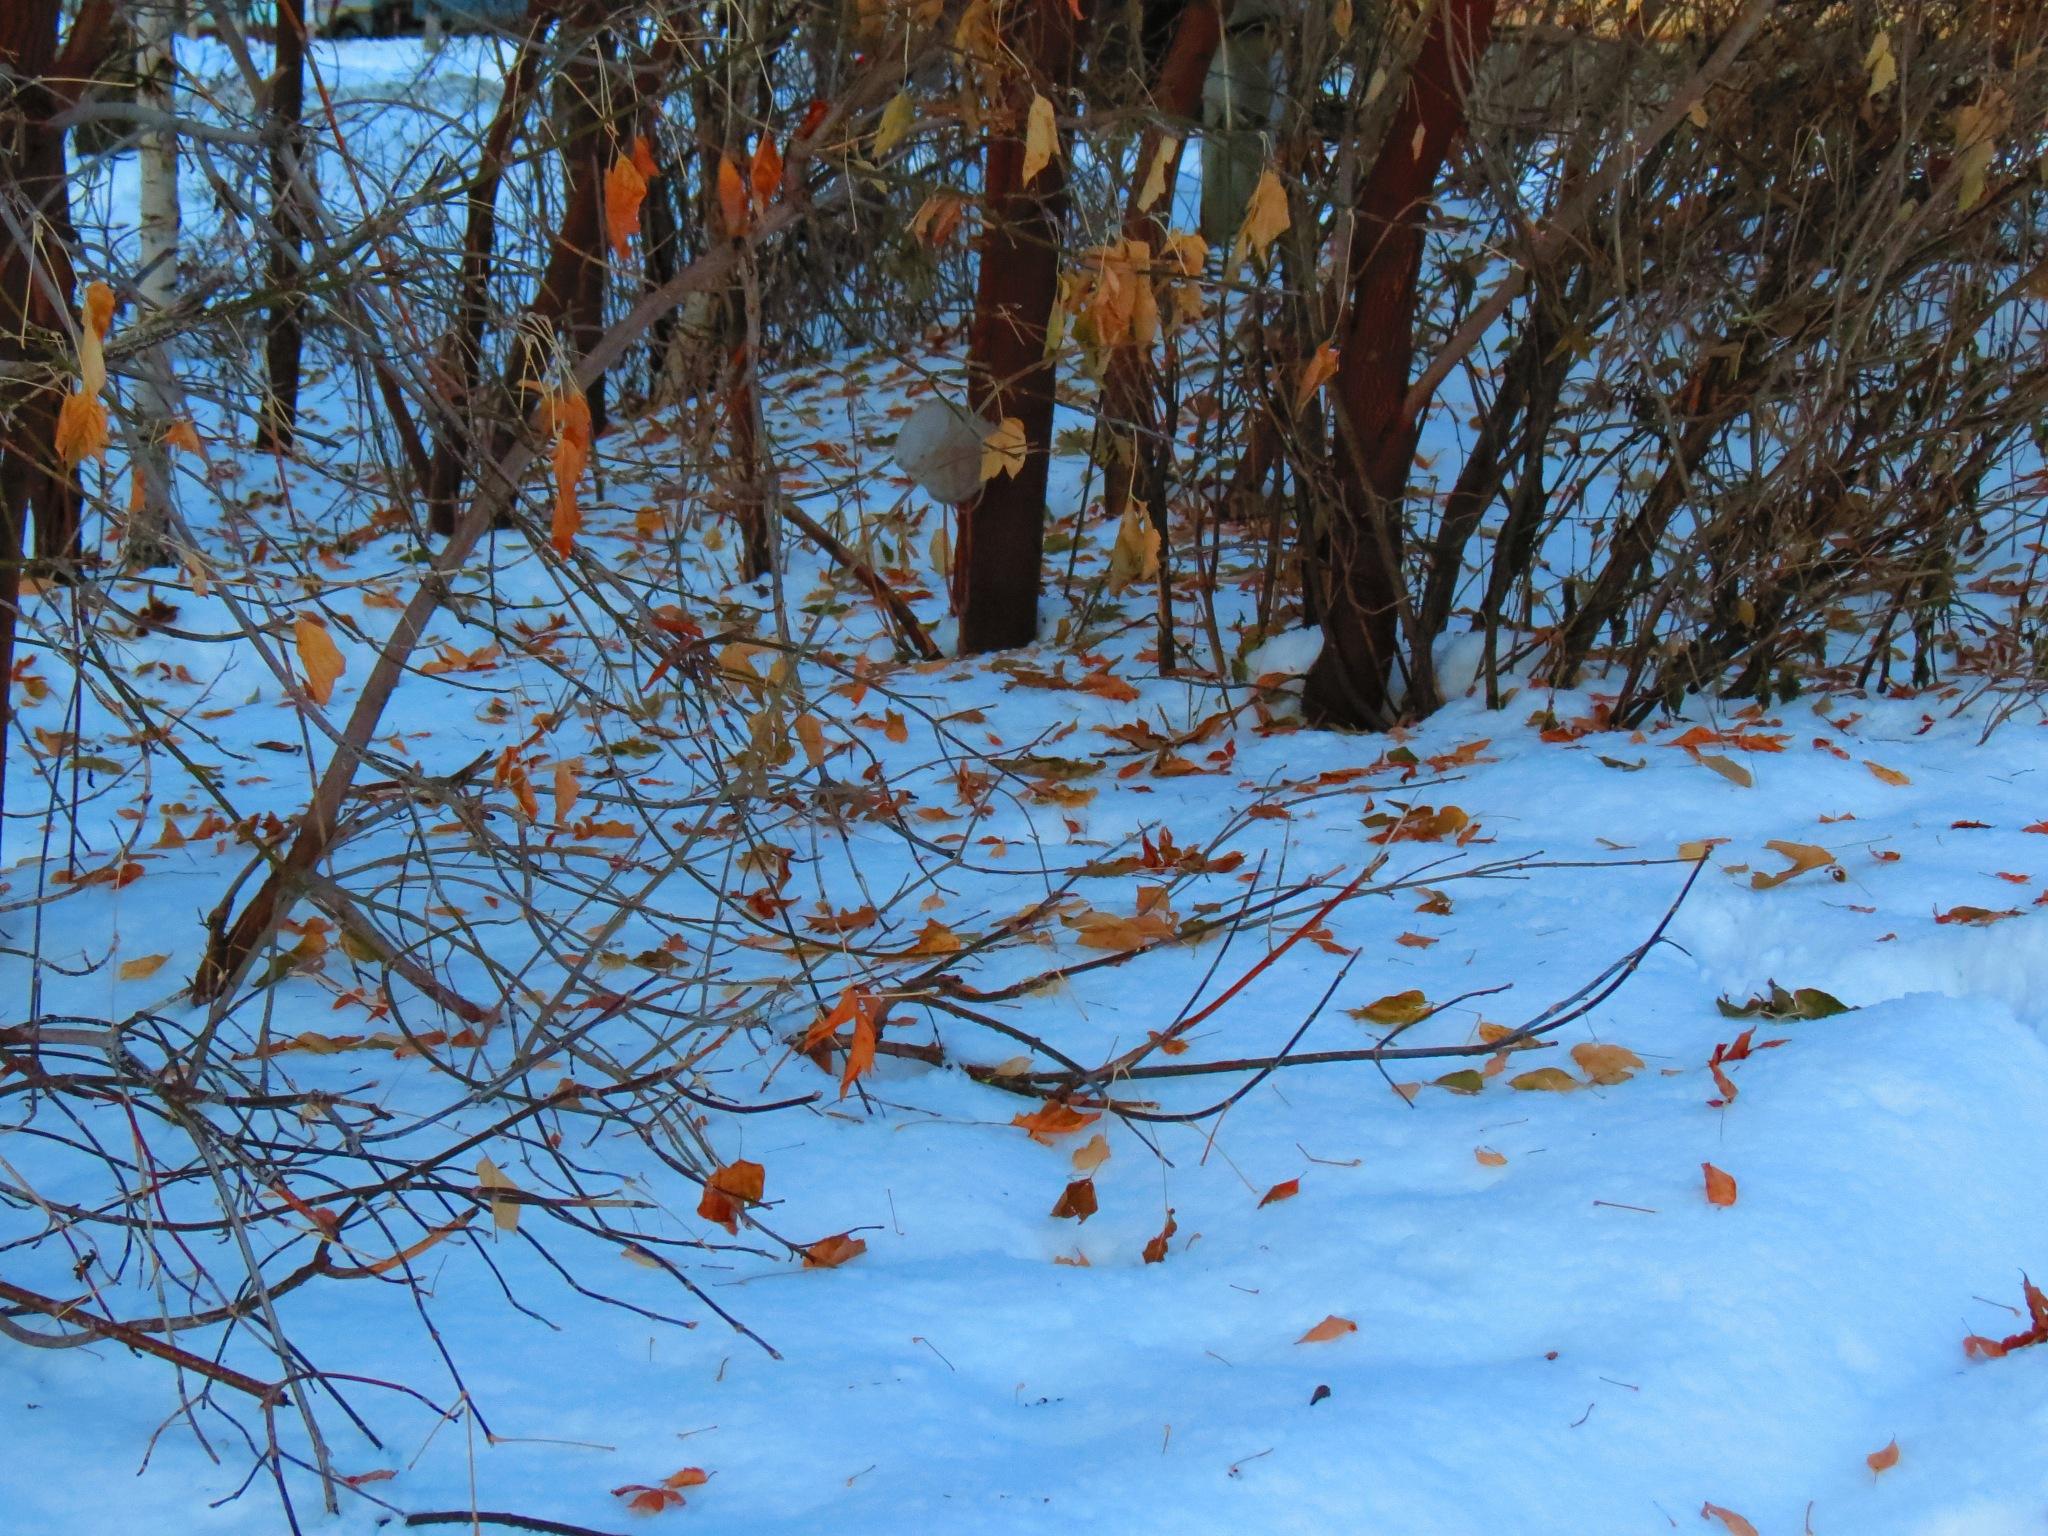 Leaves on snow by sergey.parfeniuk